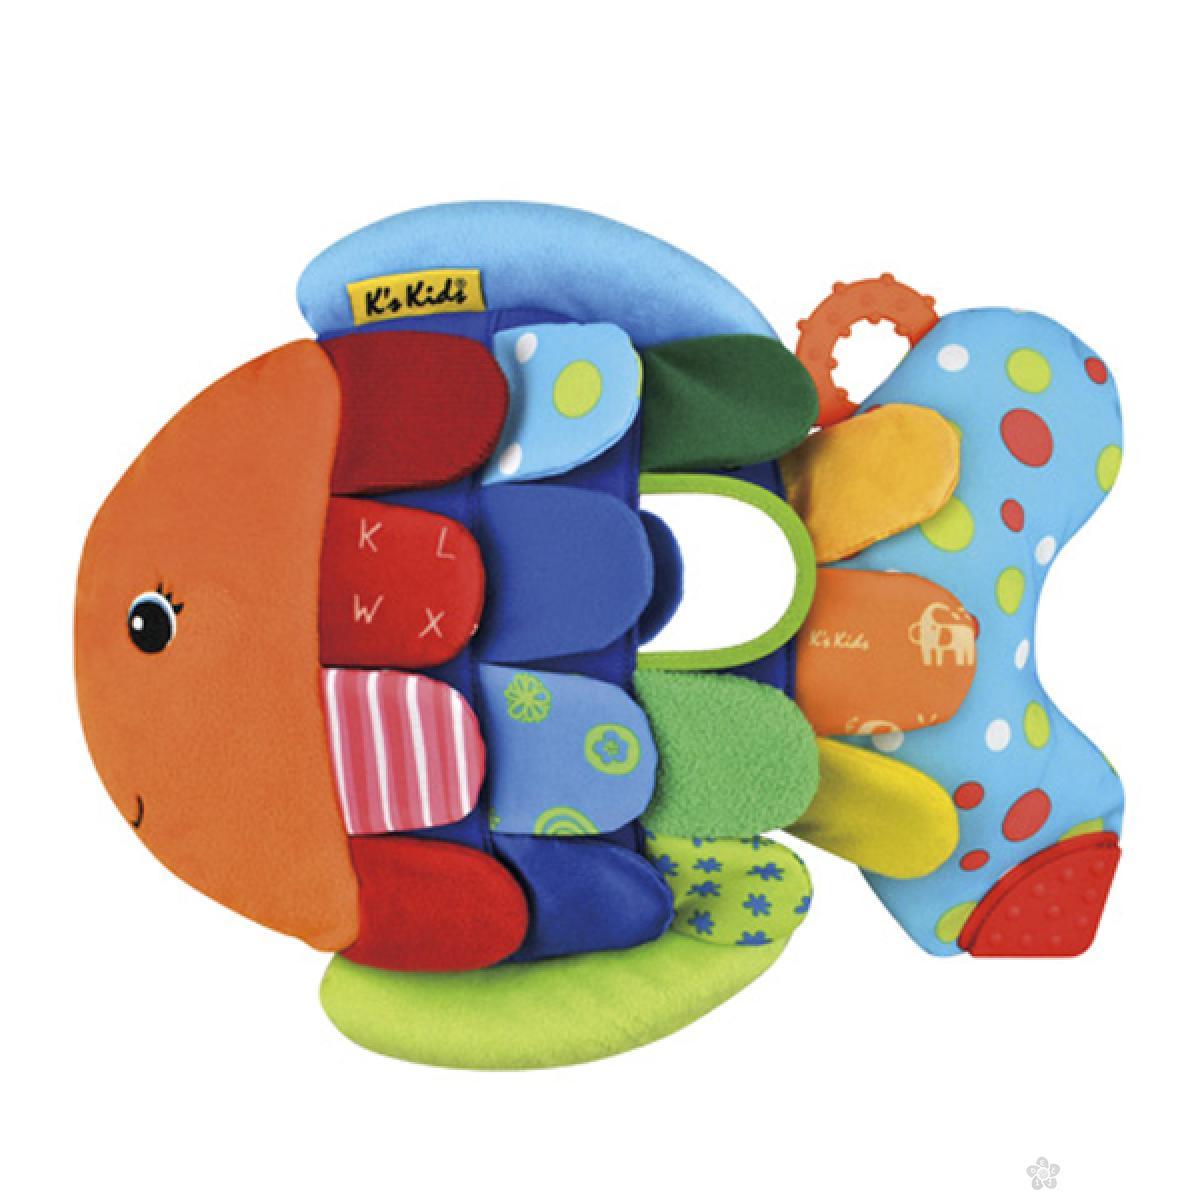 Riba u boji Ks Kids, KA10653-GB